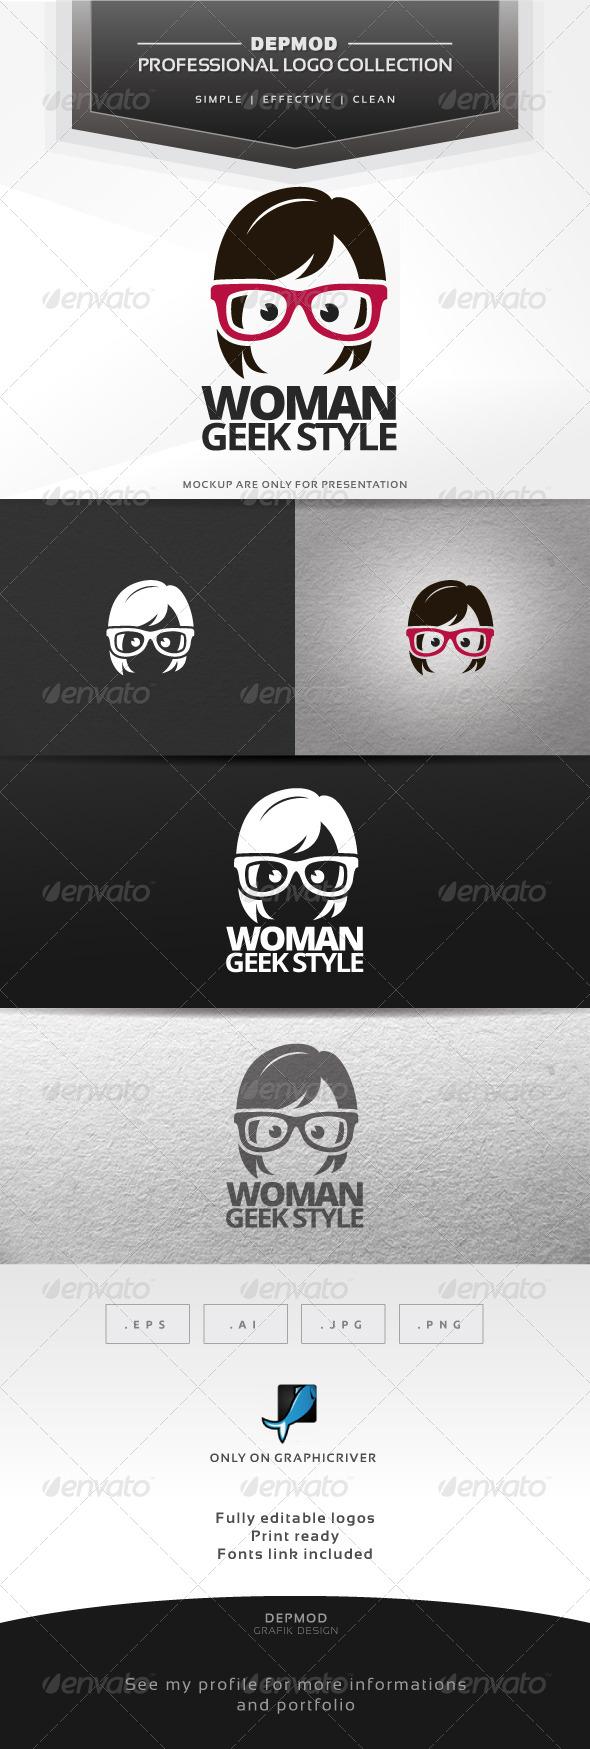 Woman Geek Style Logo